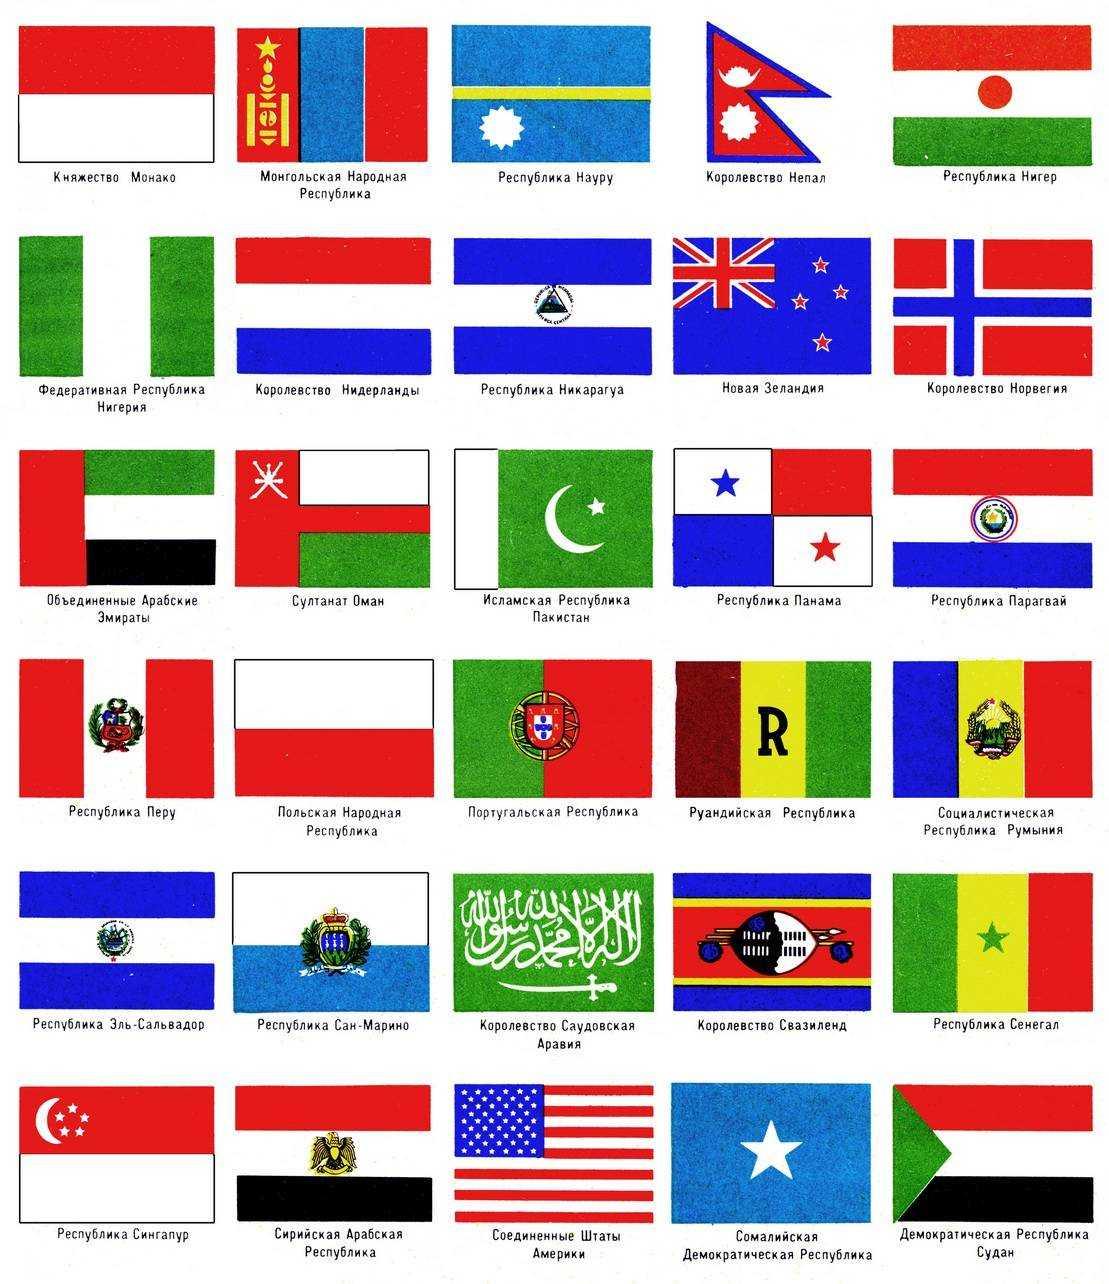 страны и их флаги в картинках